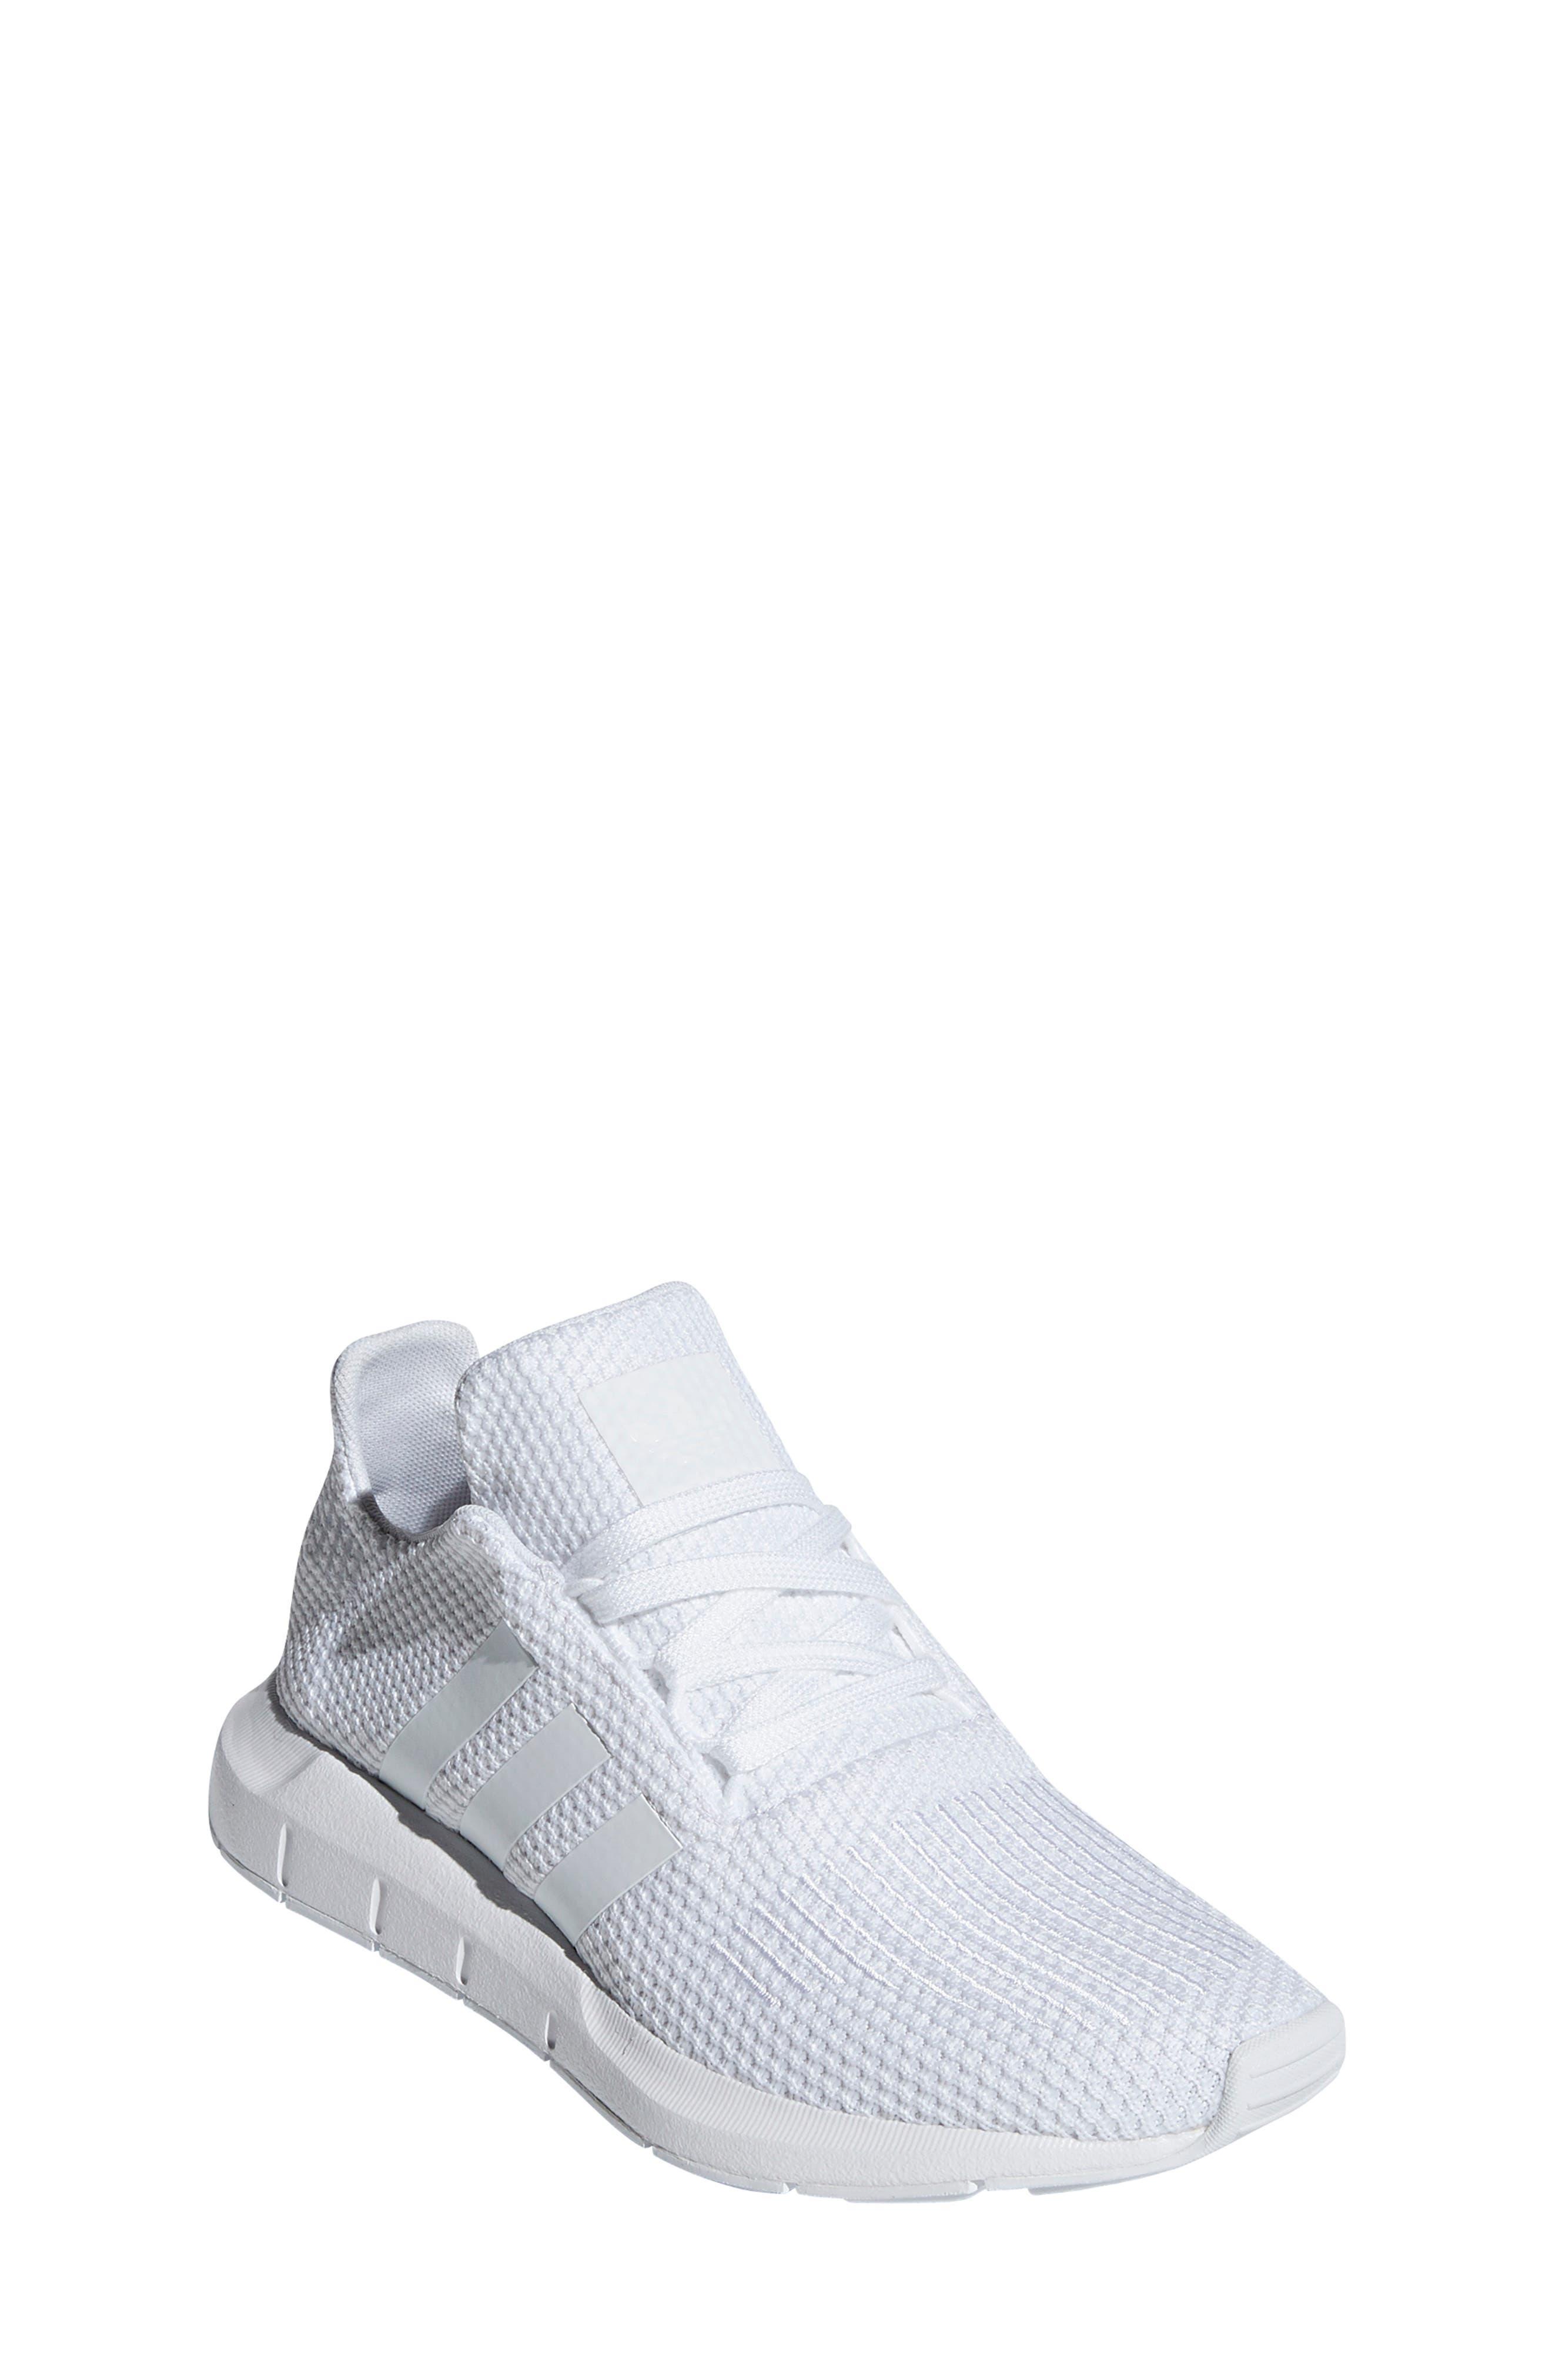 adidas shoes boys black